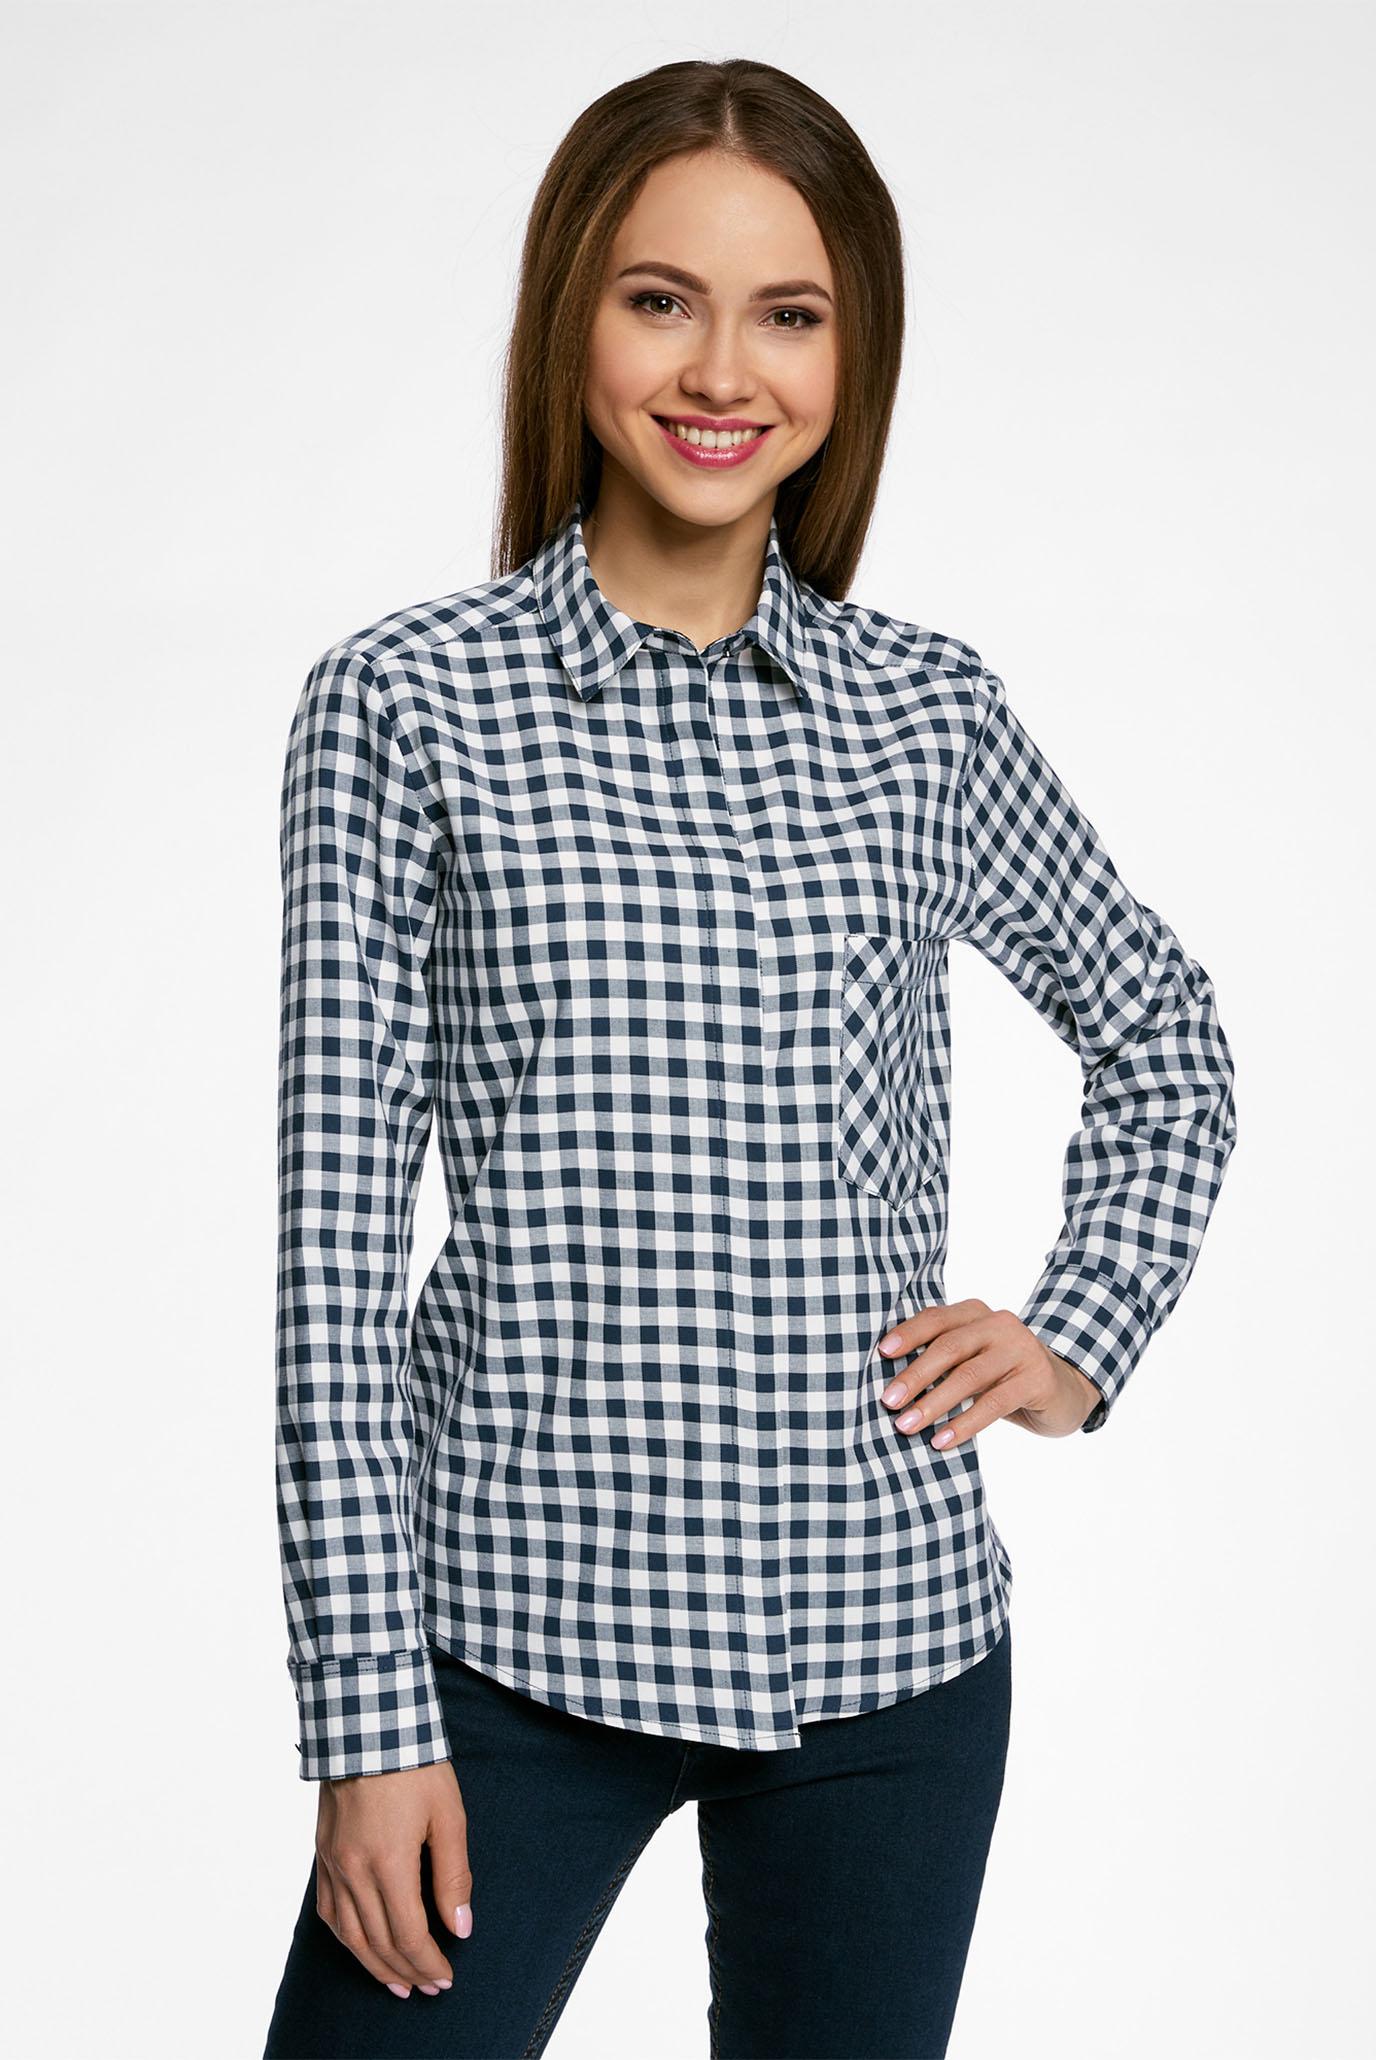 6656d446c6fb Купить Женская синяя рубашка в клетку Oodji Oodji 11411099-1/43566 ...